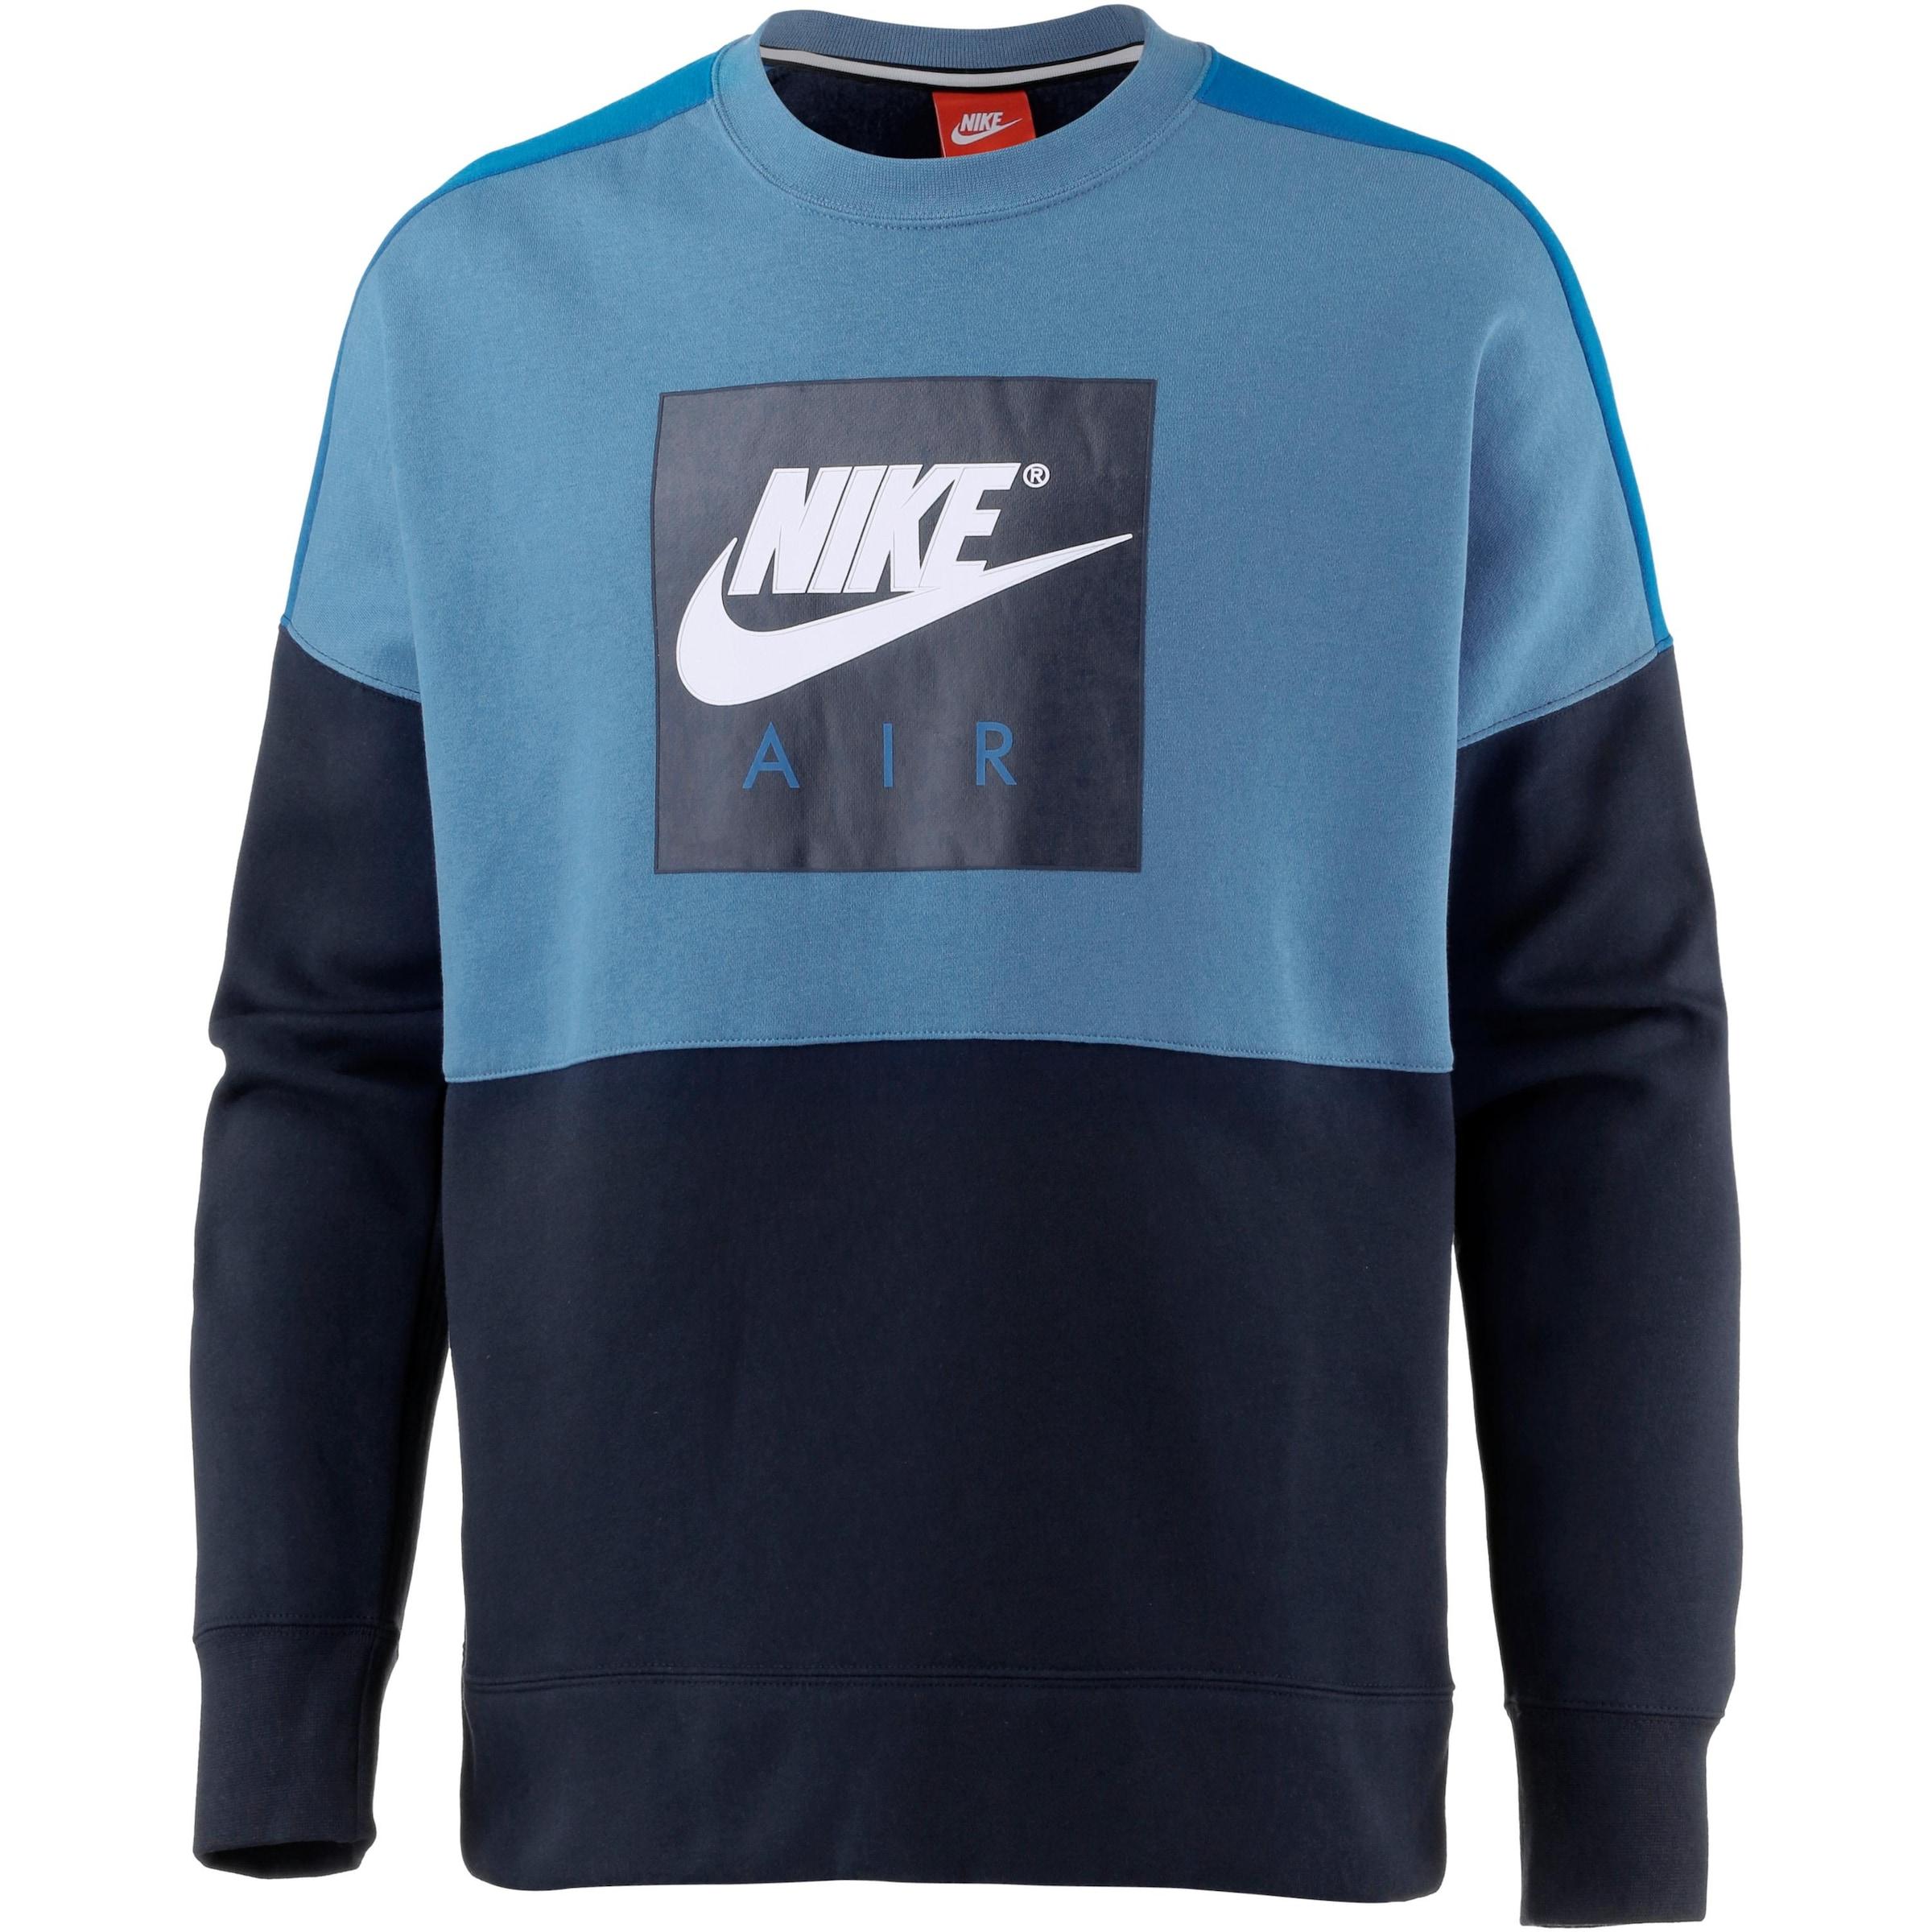 Spielraum Extrem Billig Billig Nike Sportswear Sweatshirt 'CREW AIR FLC' Outlet Limitierte Auflage H6s4wxp